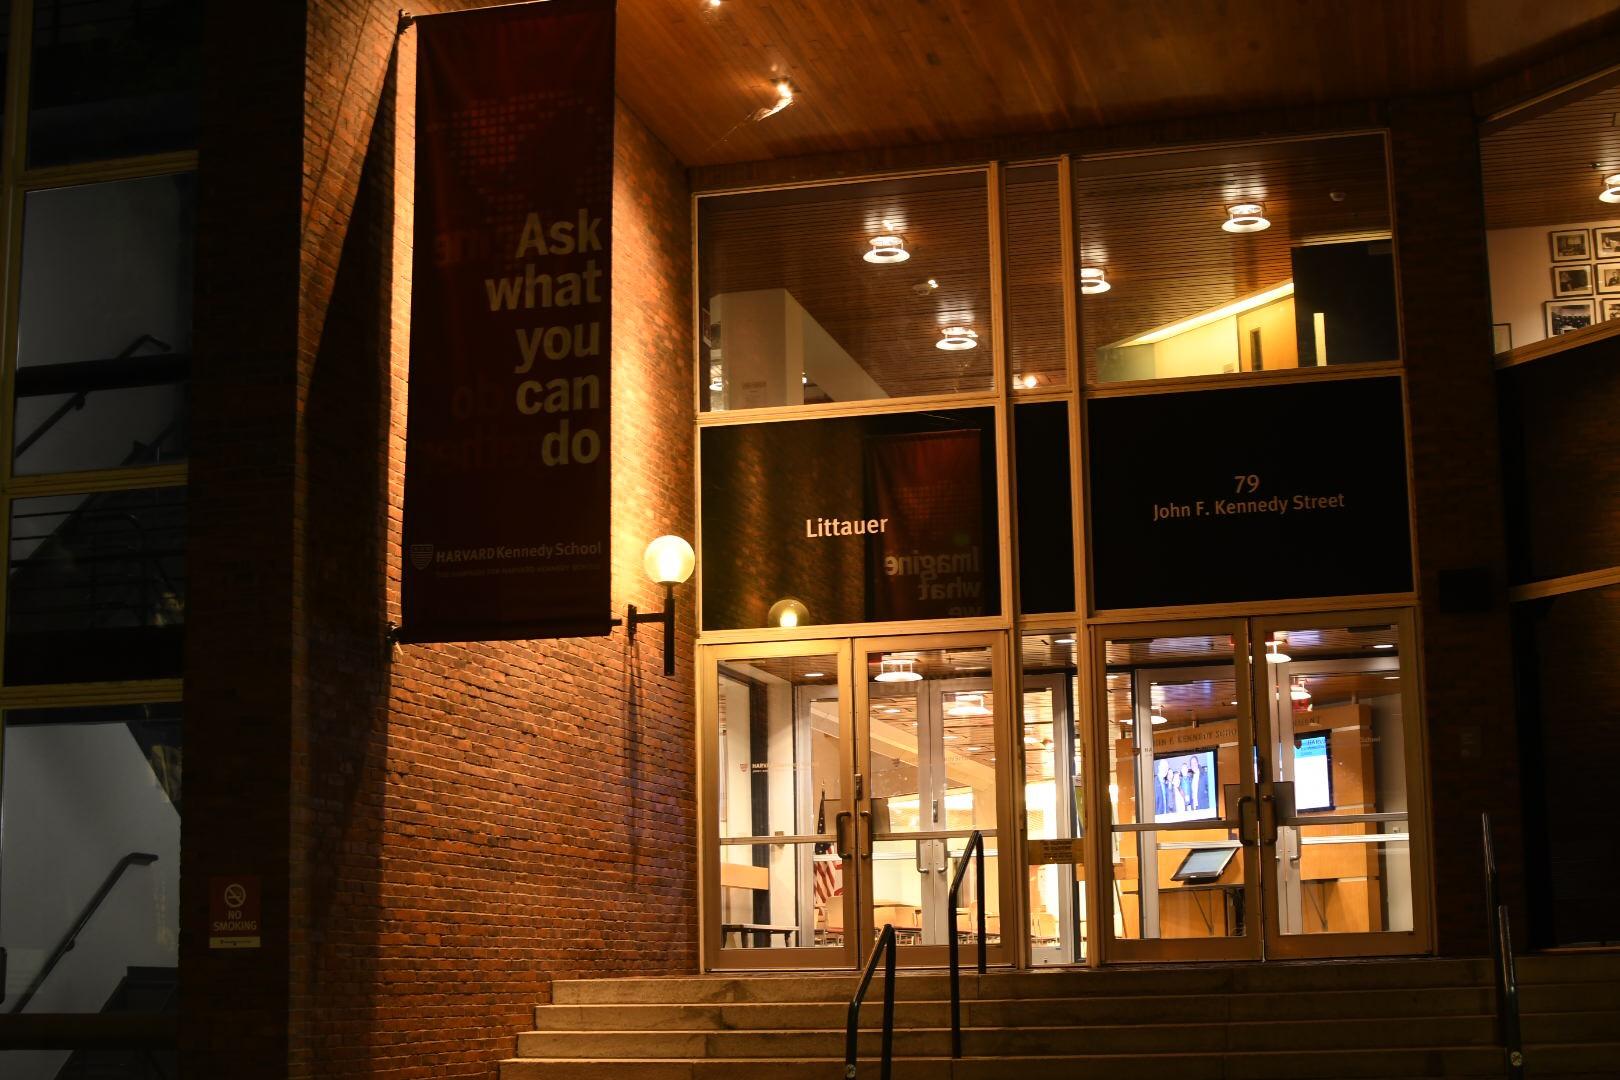 The Harvard Institute of Politics.